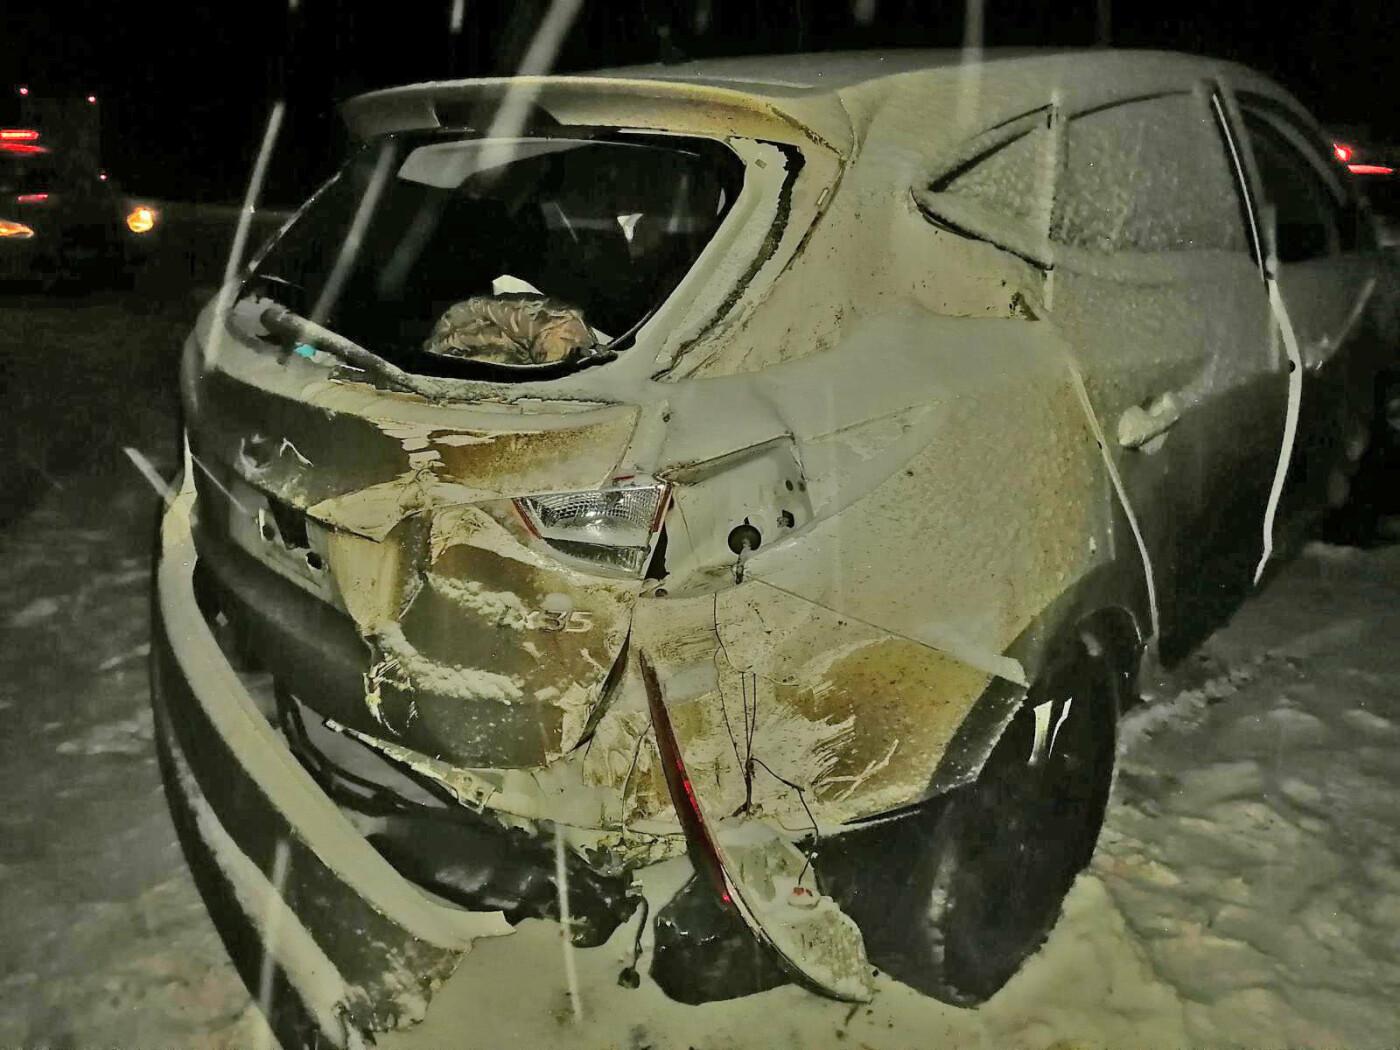 Снегопад в Тамбовском районе стал причиной двух ДТП с пострадавшими на одном участке трассы Р-22, фото-2